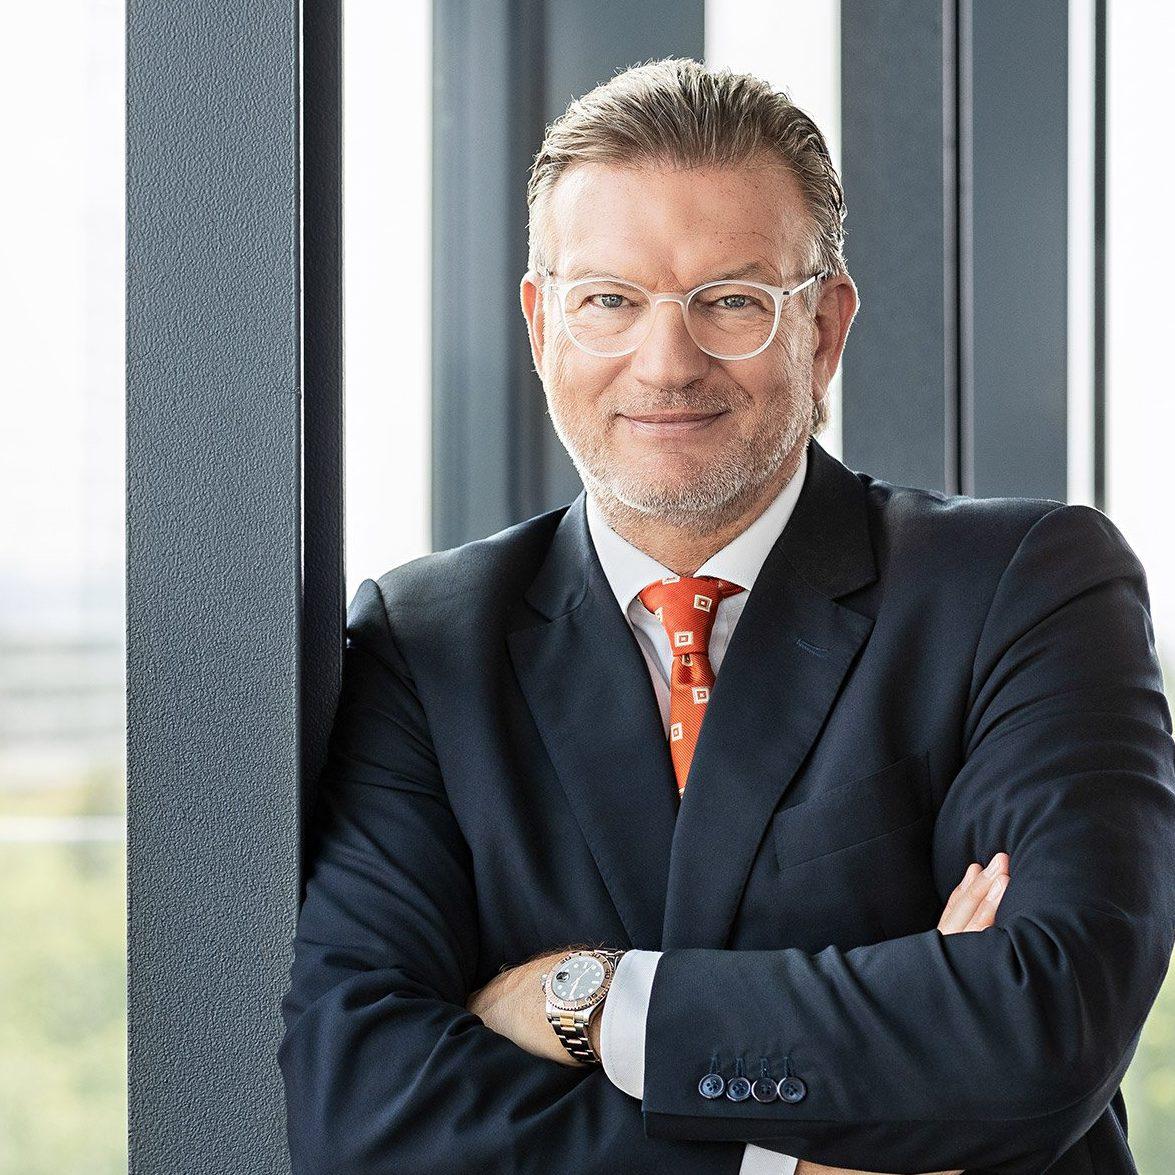 Thomas Böcher, Geschäftsführer der Paribus Holding, Paribus Immobilien Assetmanagement und Paribus Invest